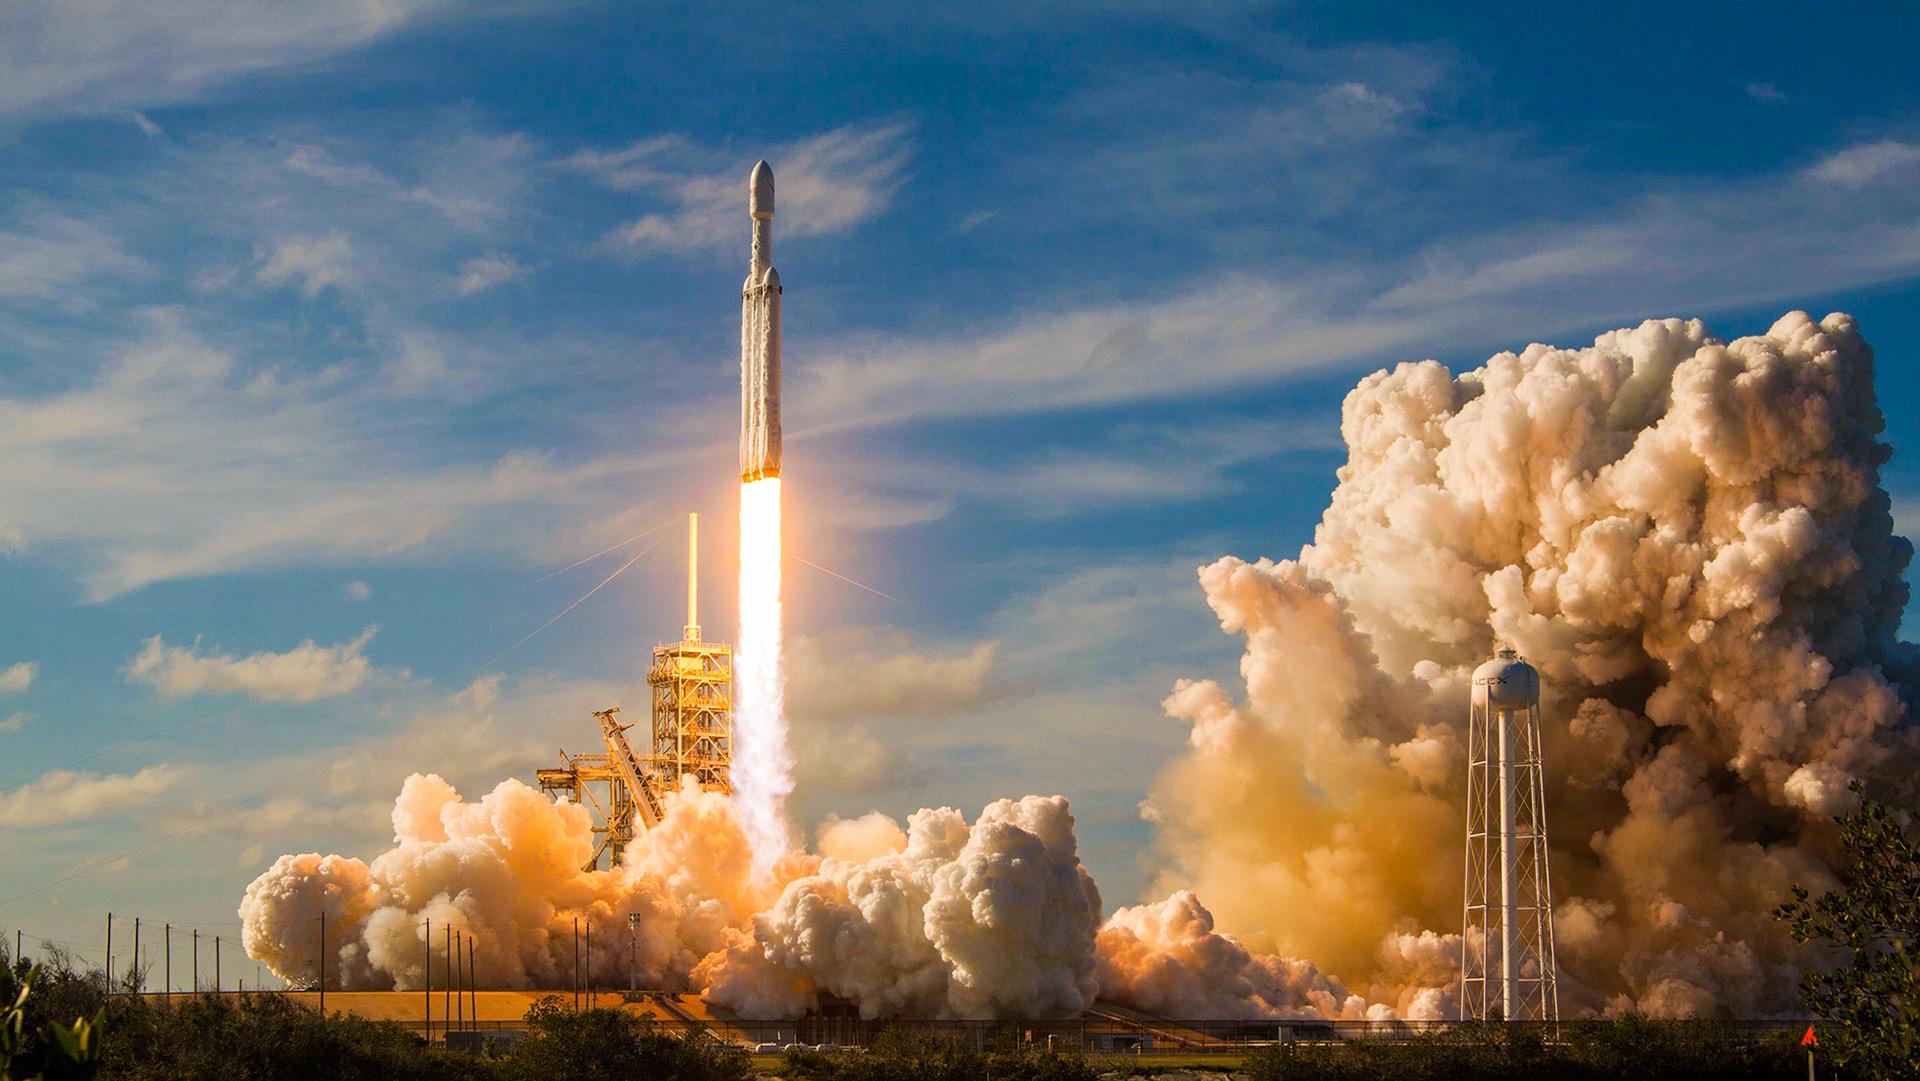 Markkinointiviestinnän suunnittelu ei ole rakettitiedettä